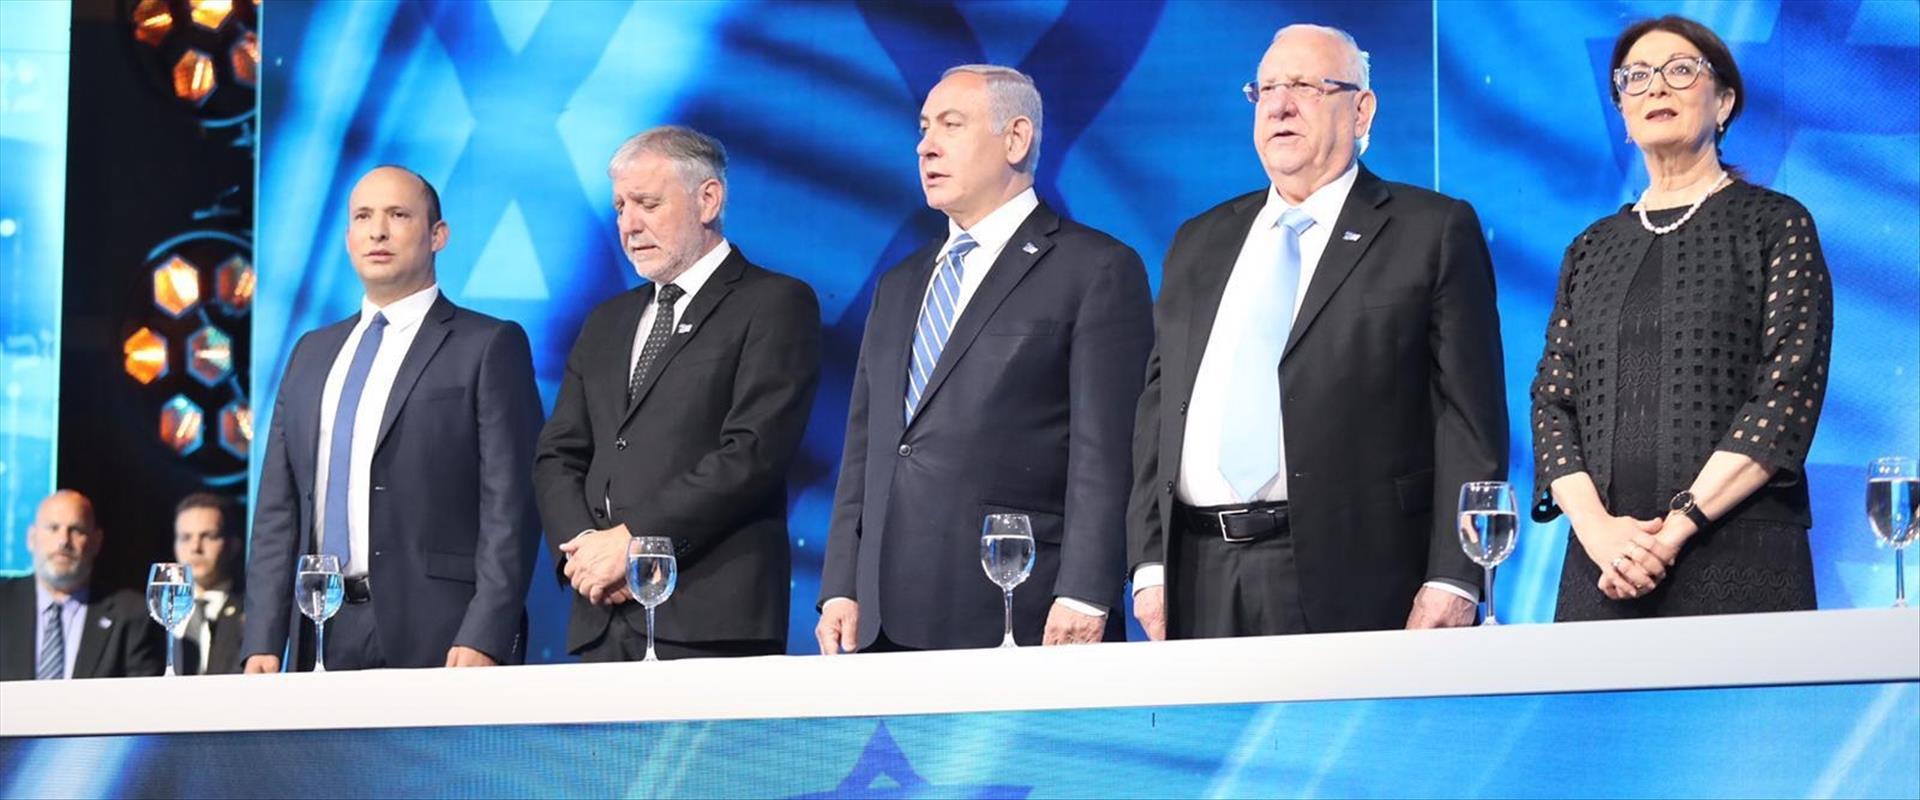 טקס הענקת פרס ישראל